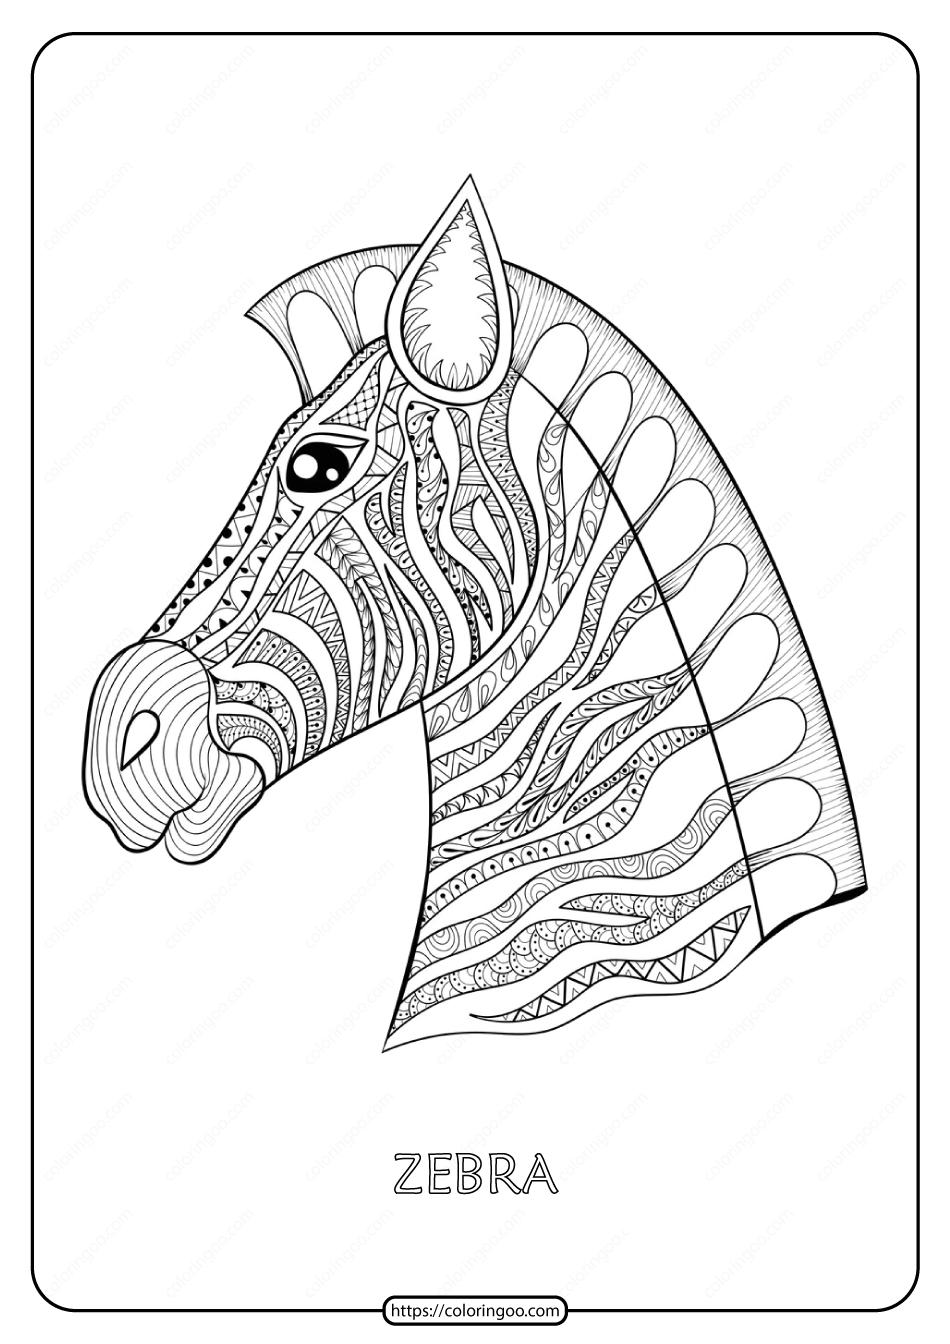 Free Printable Zebra Mandala Coloring Page Mandala Coloring Pages Mandala Coloring Coloring Pages [ 1344 x 950 Pixel ]